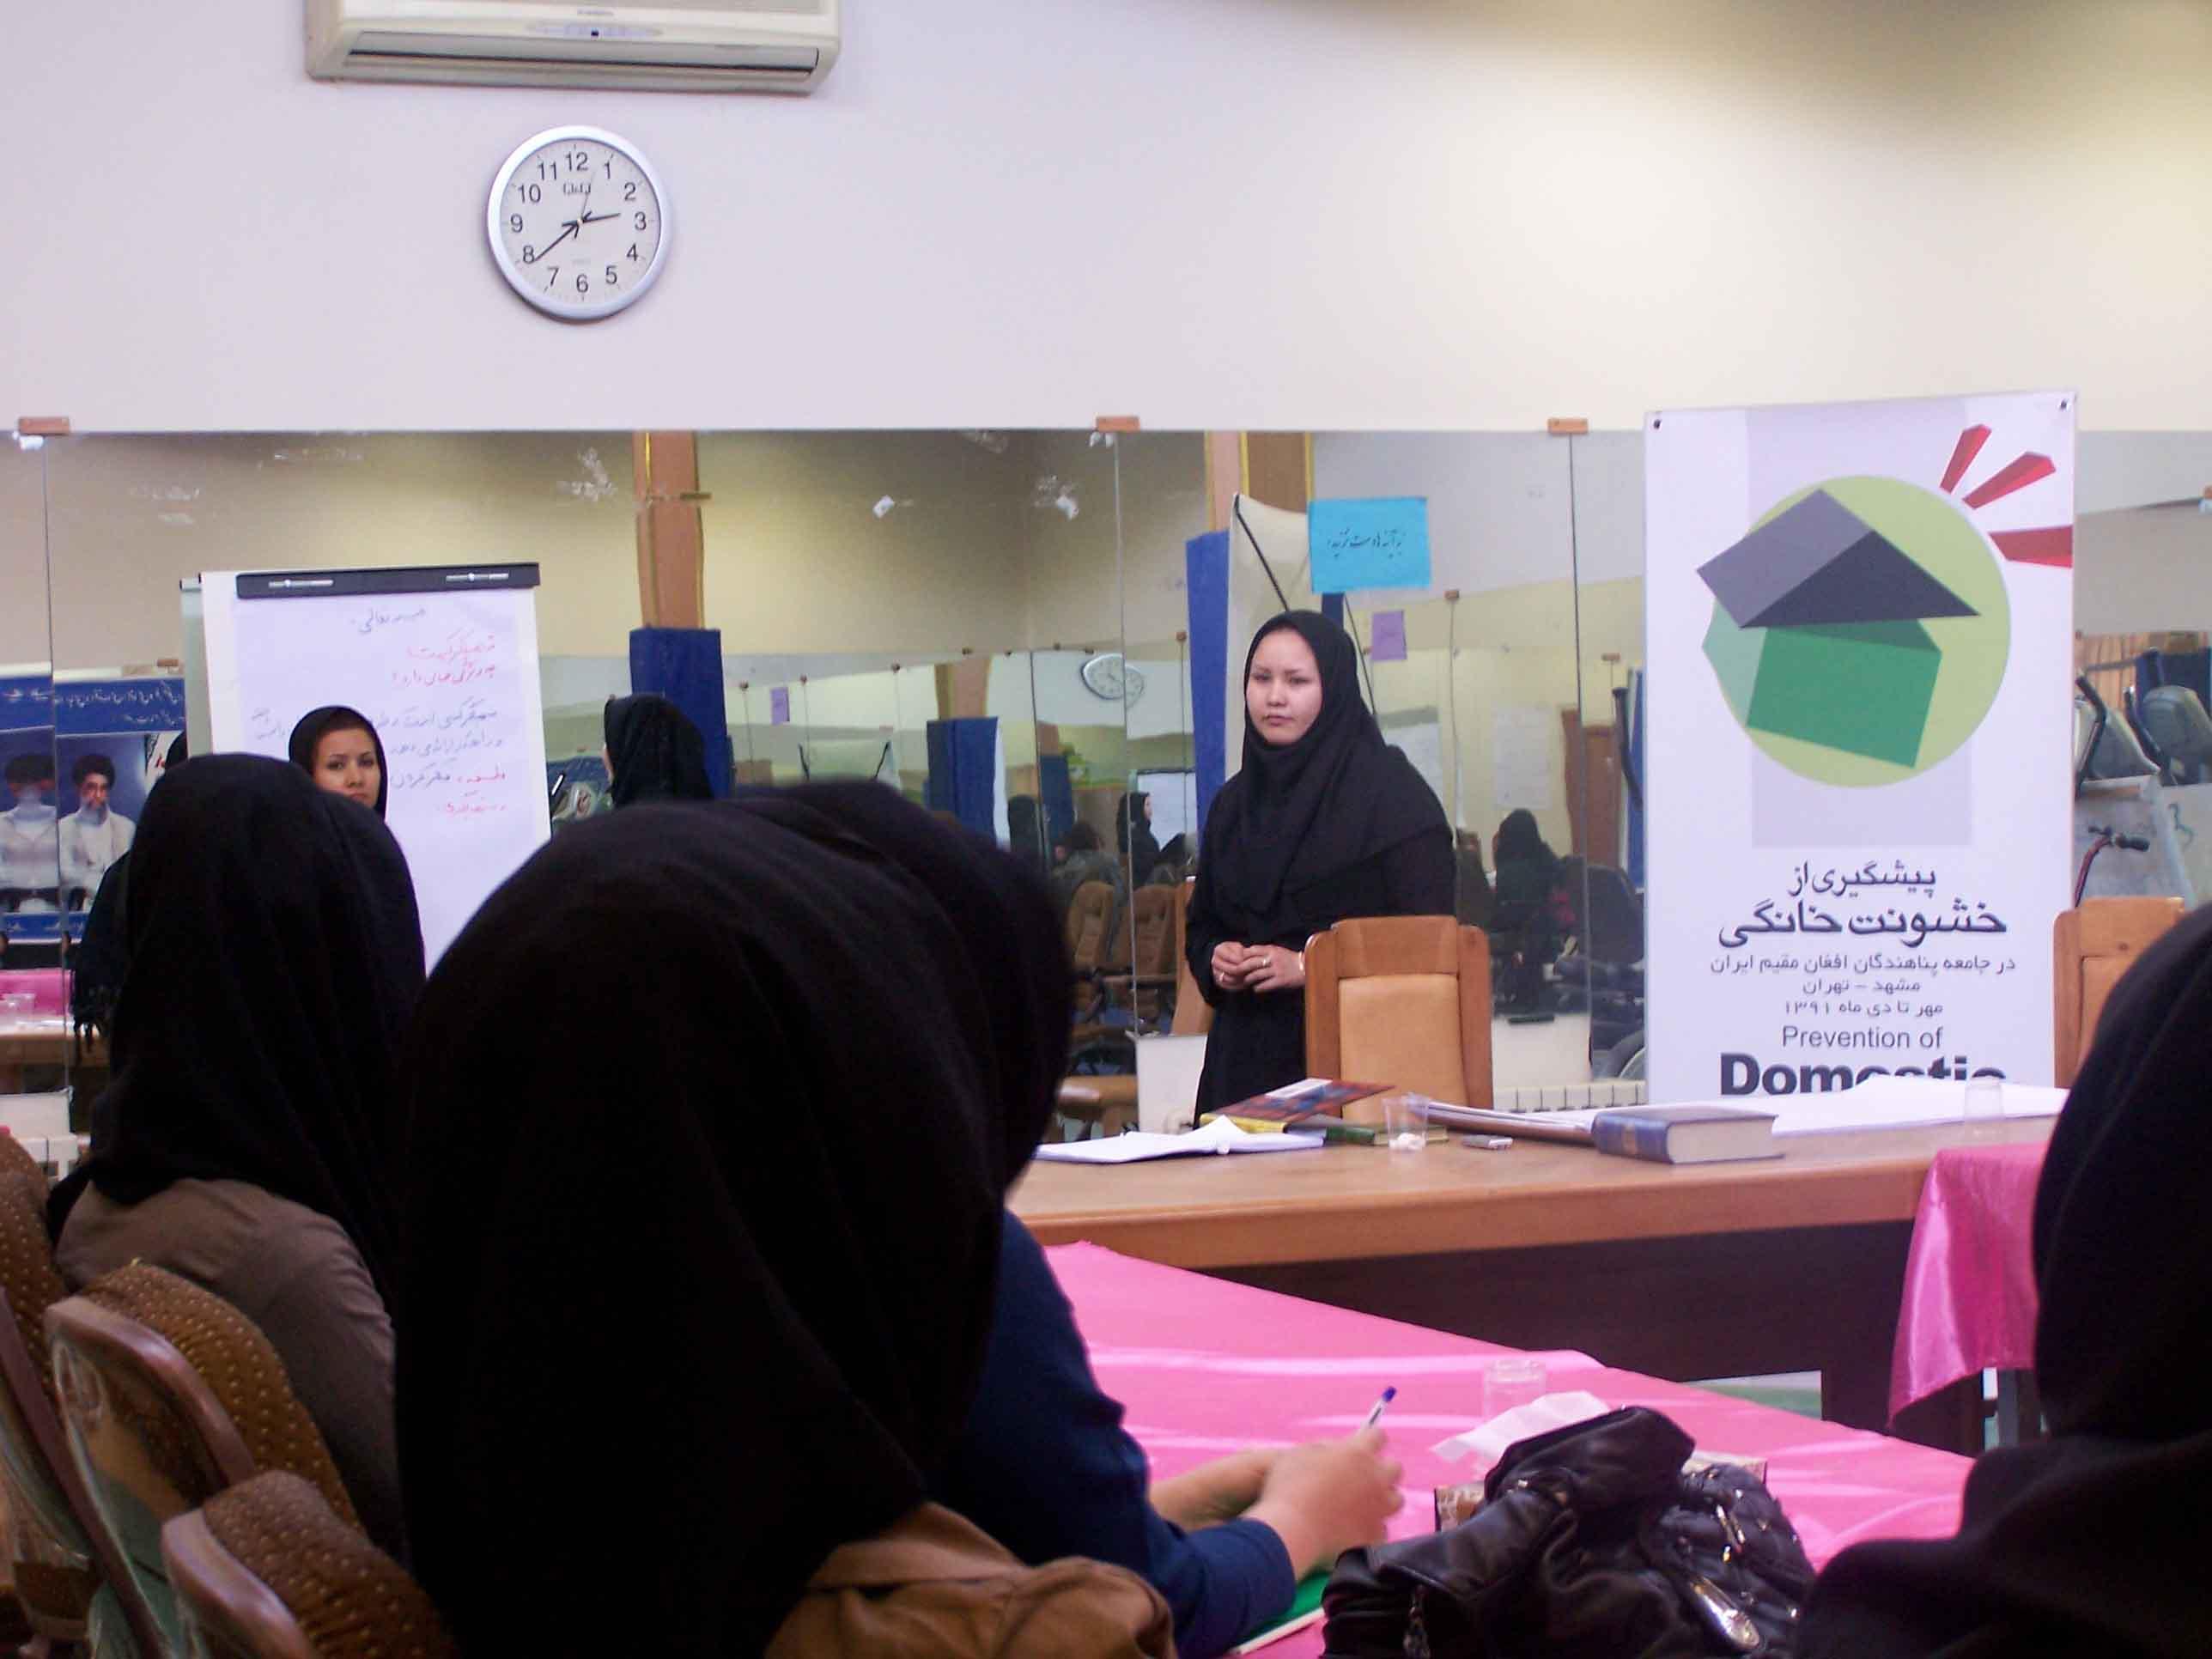 برگزاری فاز دوم طرح پیشگیری از خشونت خانگی در جامعه پناهندگان افغان